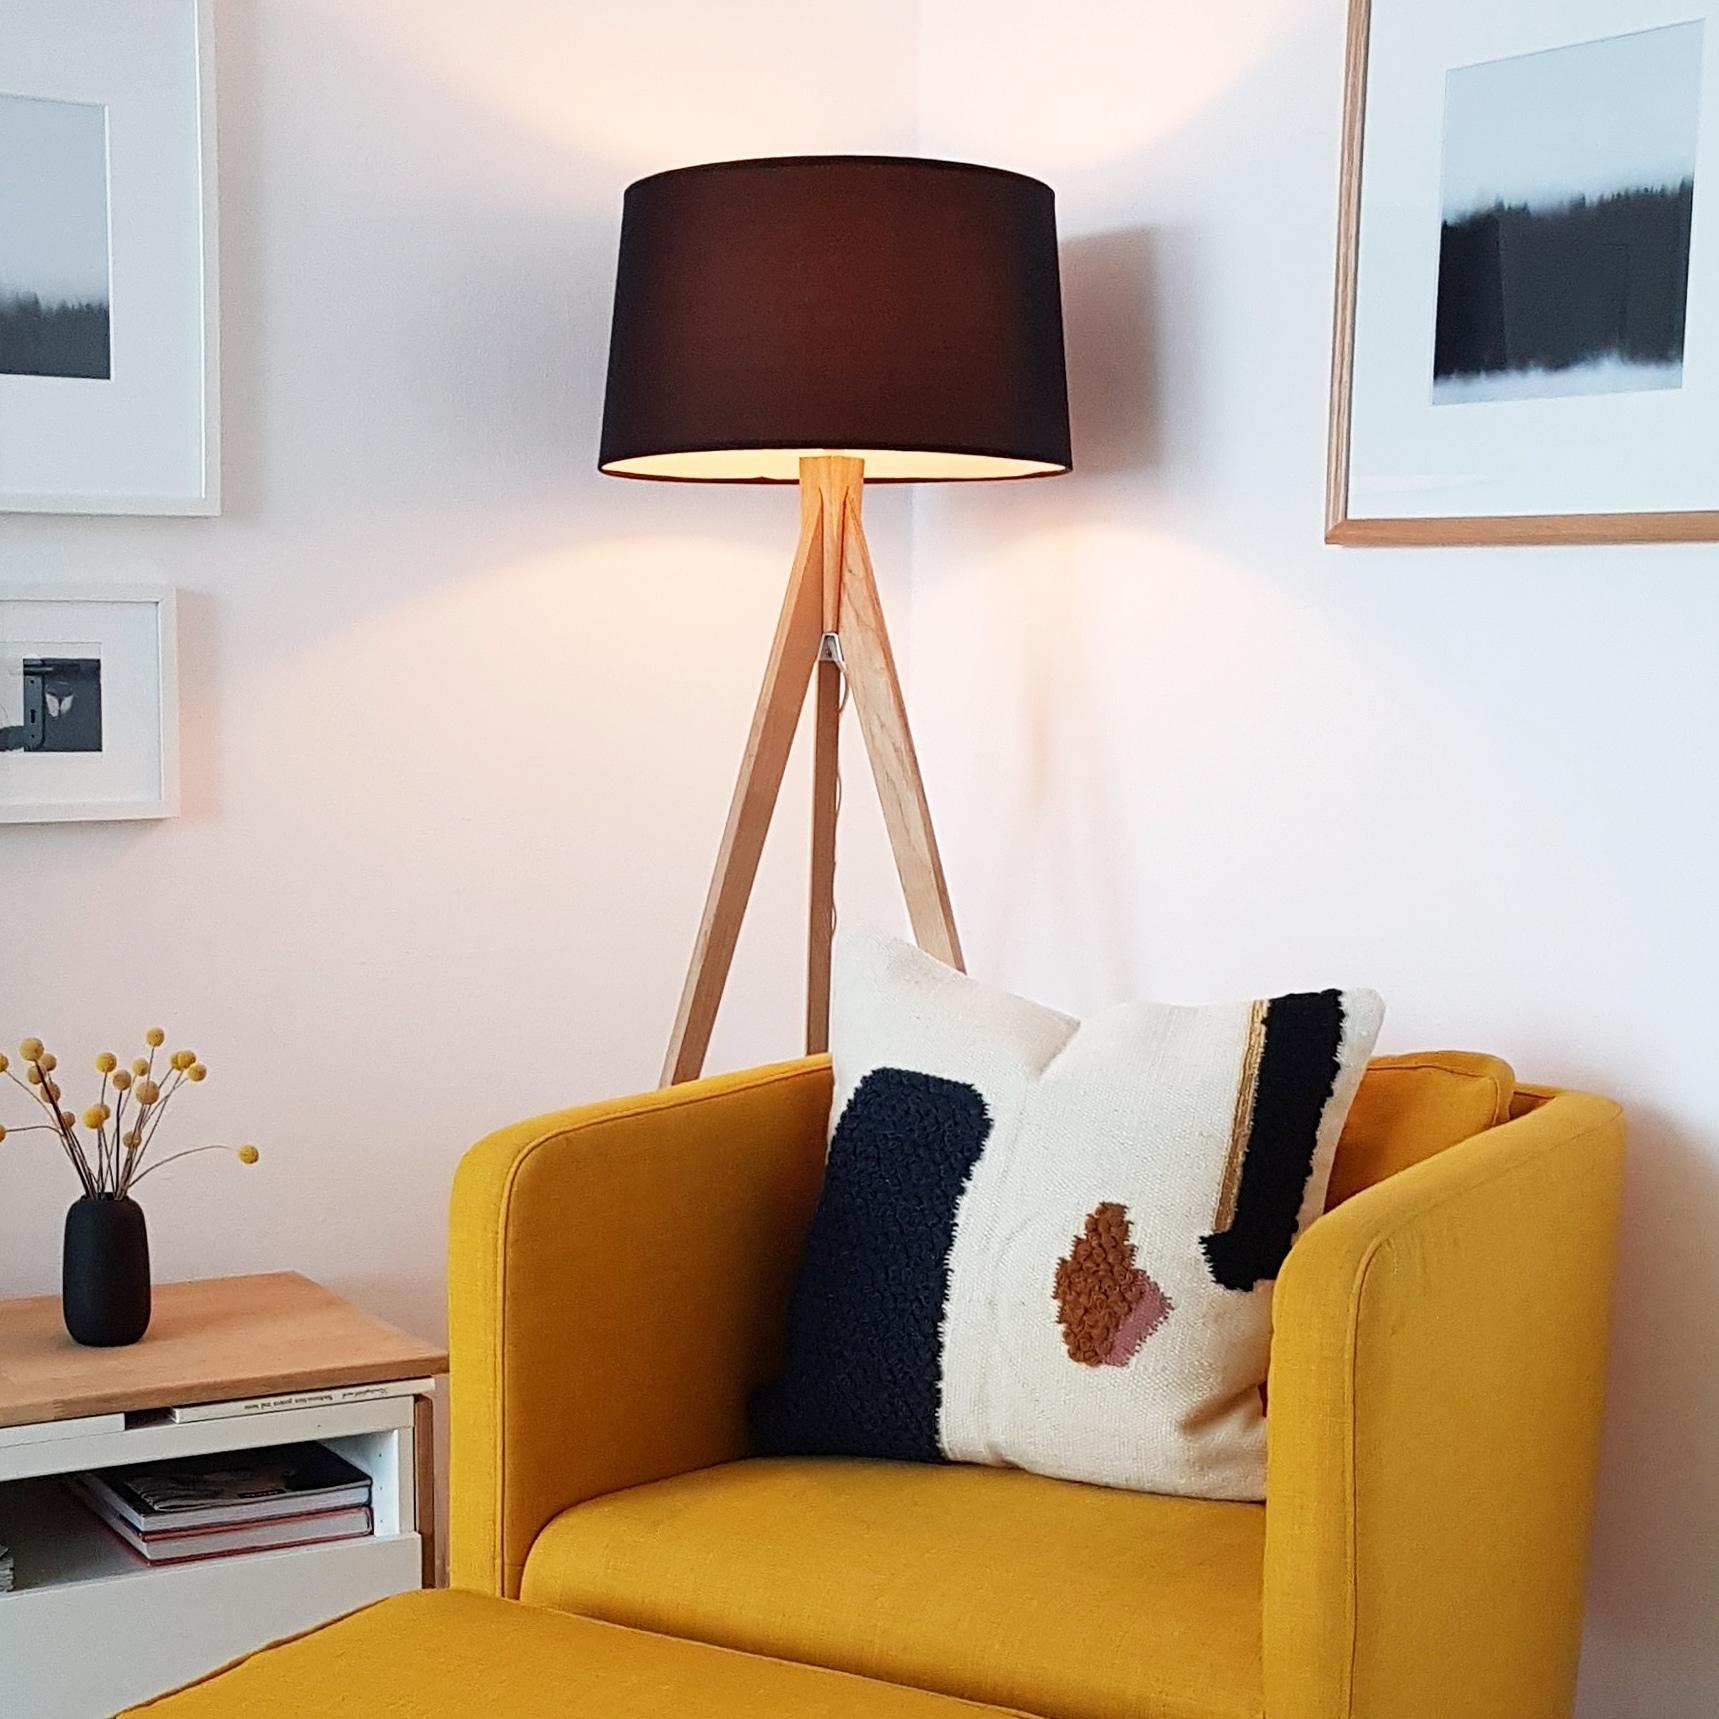 Wohnzimmer Stehlampe | Stehlampe So Ruckst Du Dein Zuhause Ins Perfekte Licht